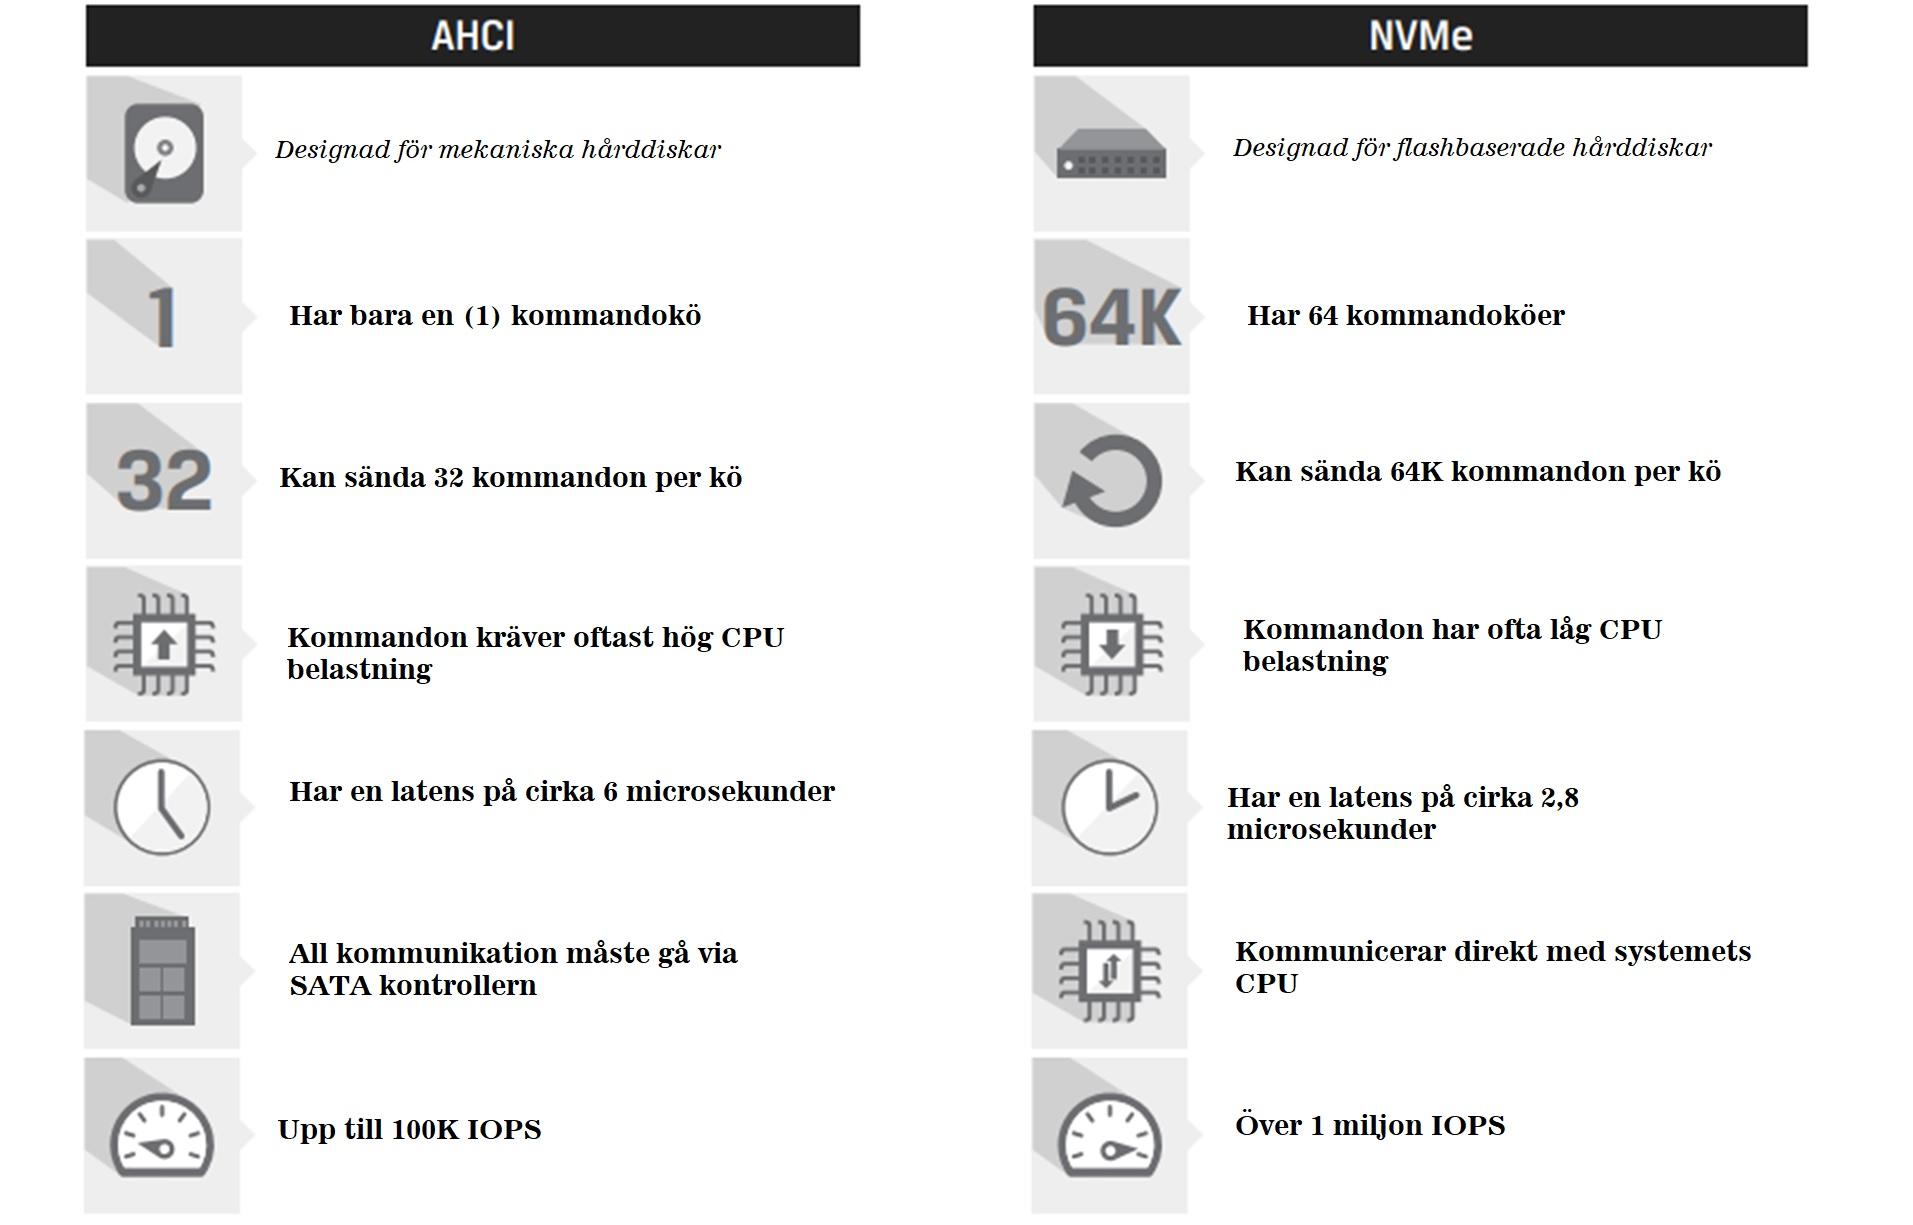 ACHI vs NVMe